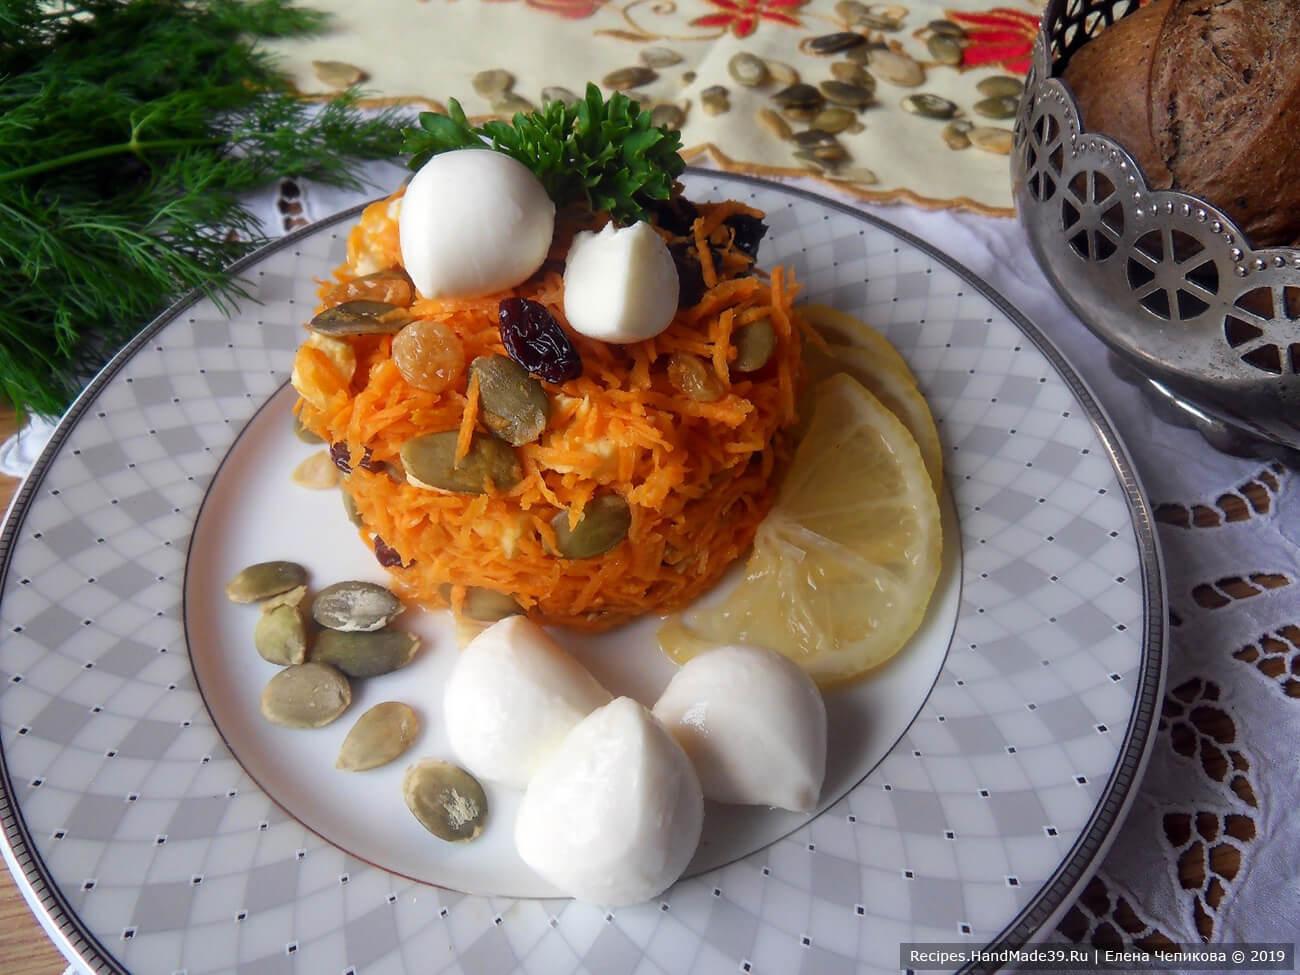 Морковный салат с изюмом, тыквенными семечками и моцареллой готов, приятного аппетита!